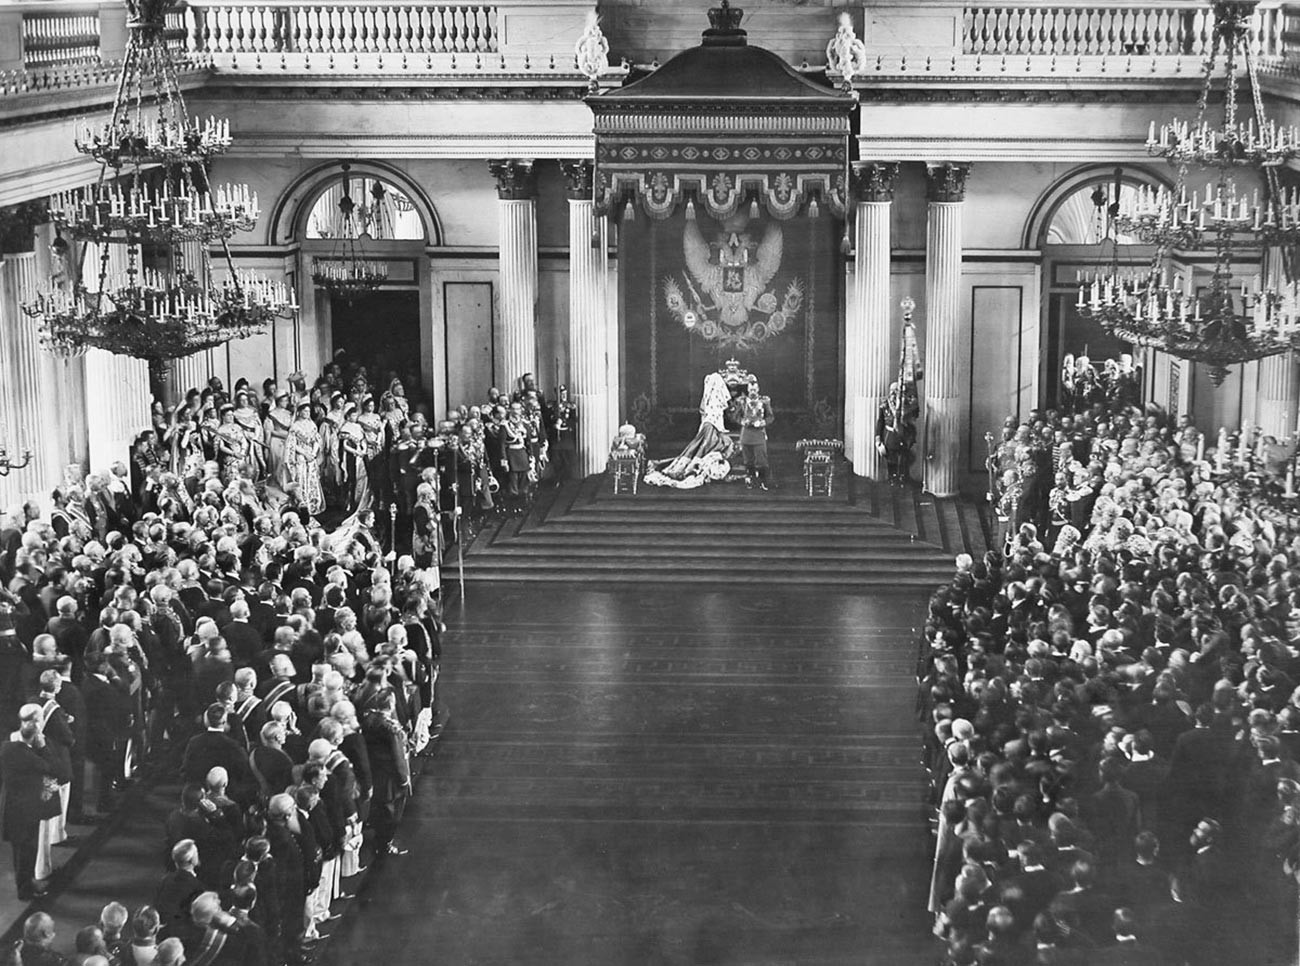 新ドゥーマの開幕式、1906年4月27日